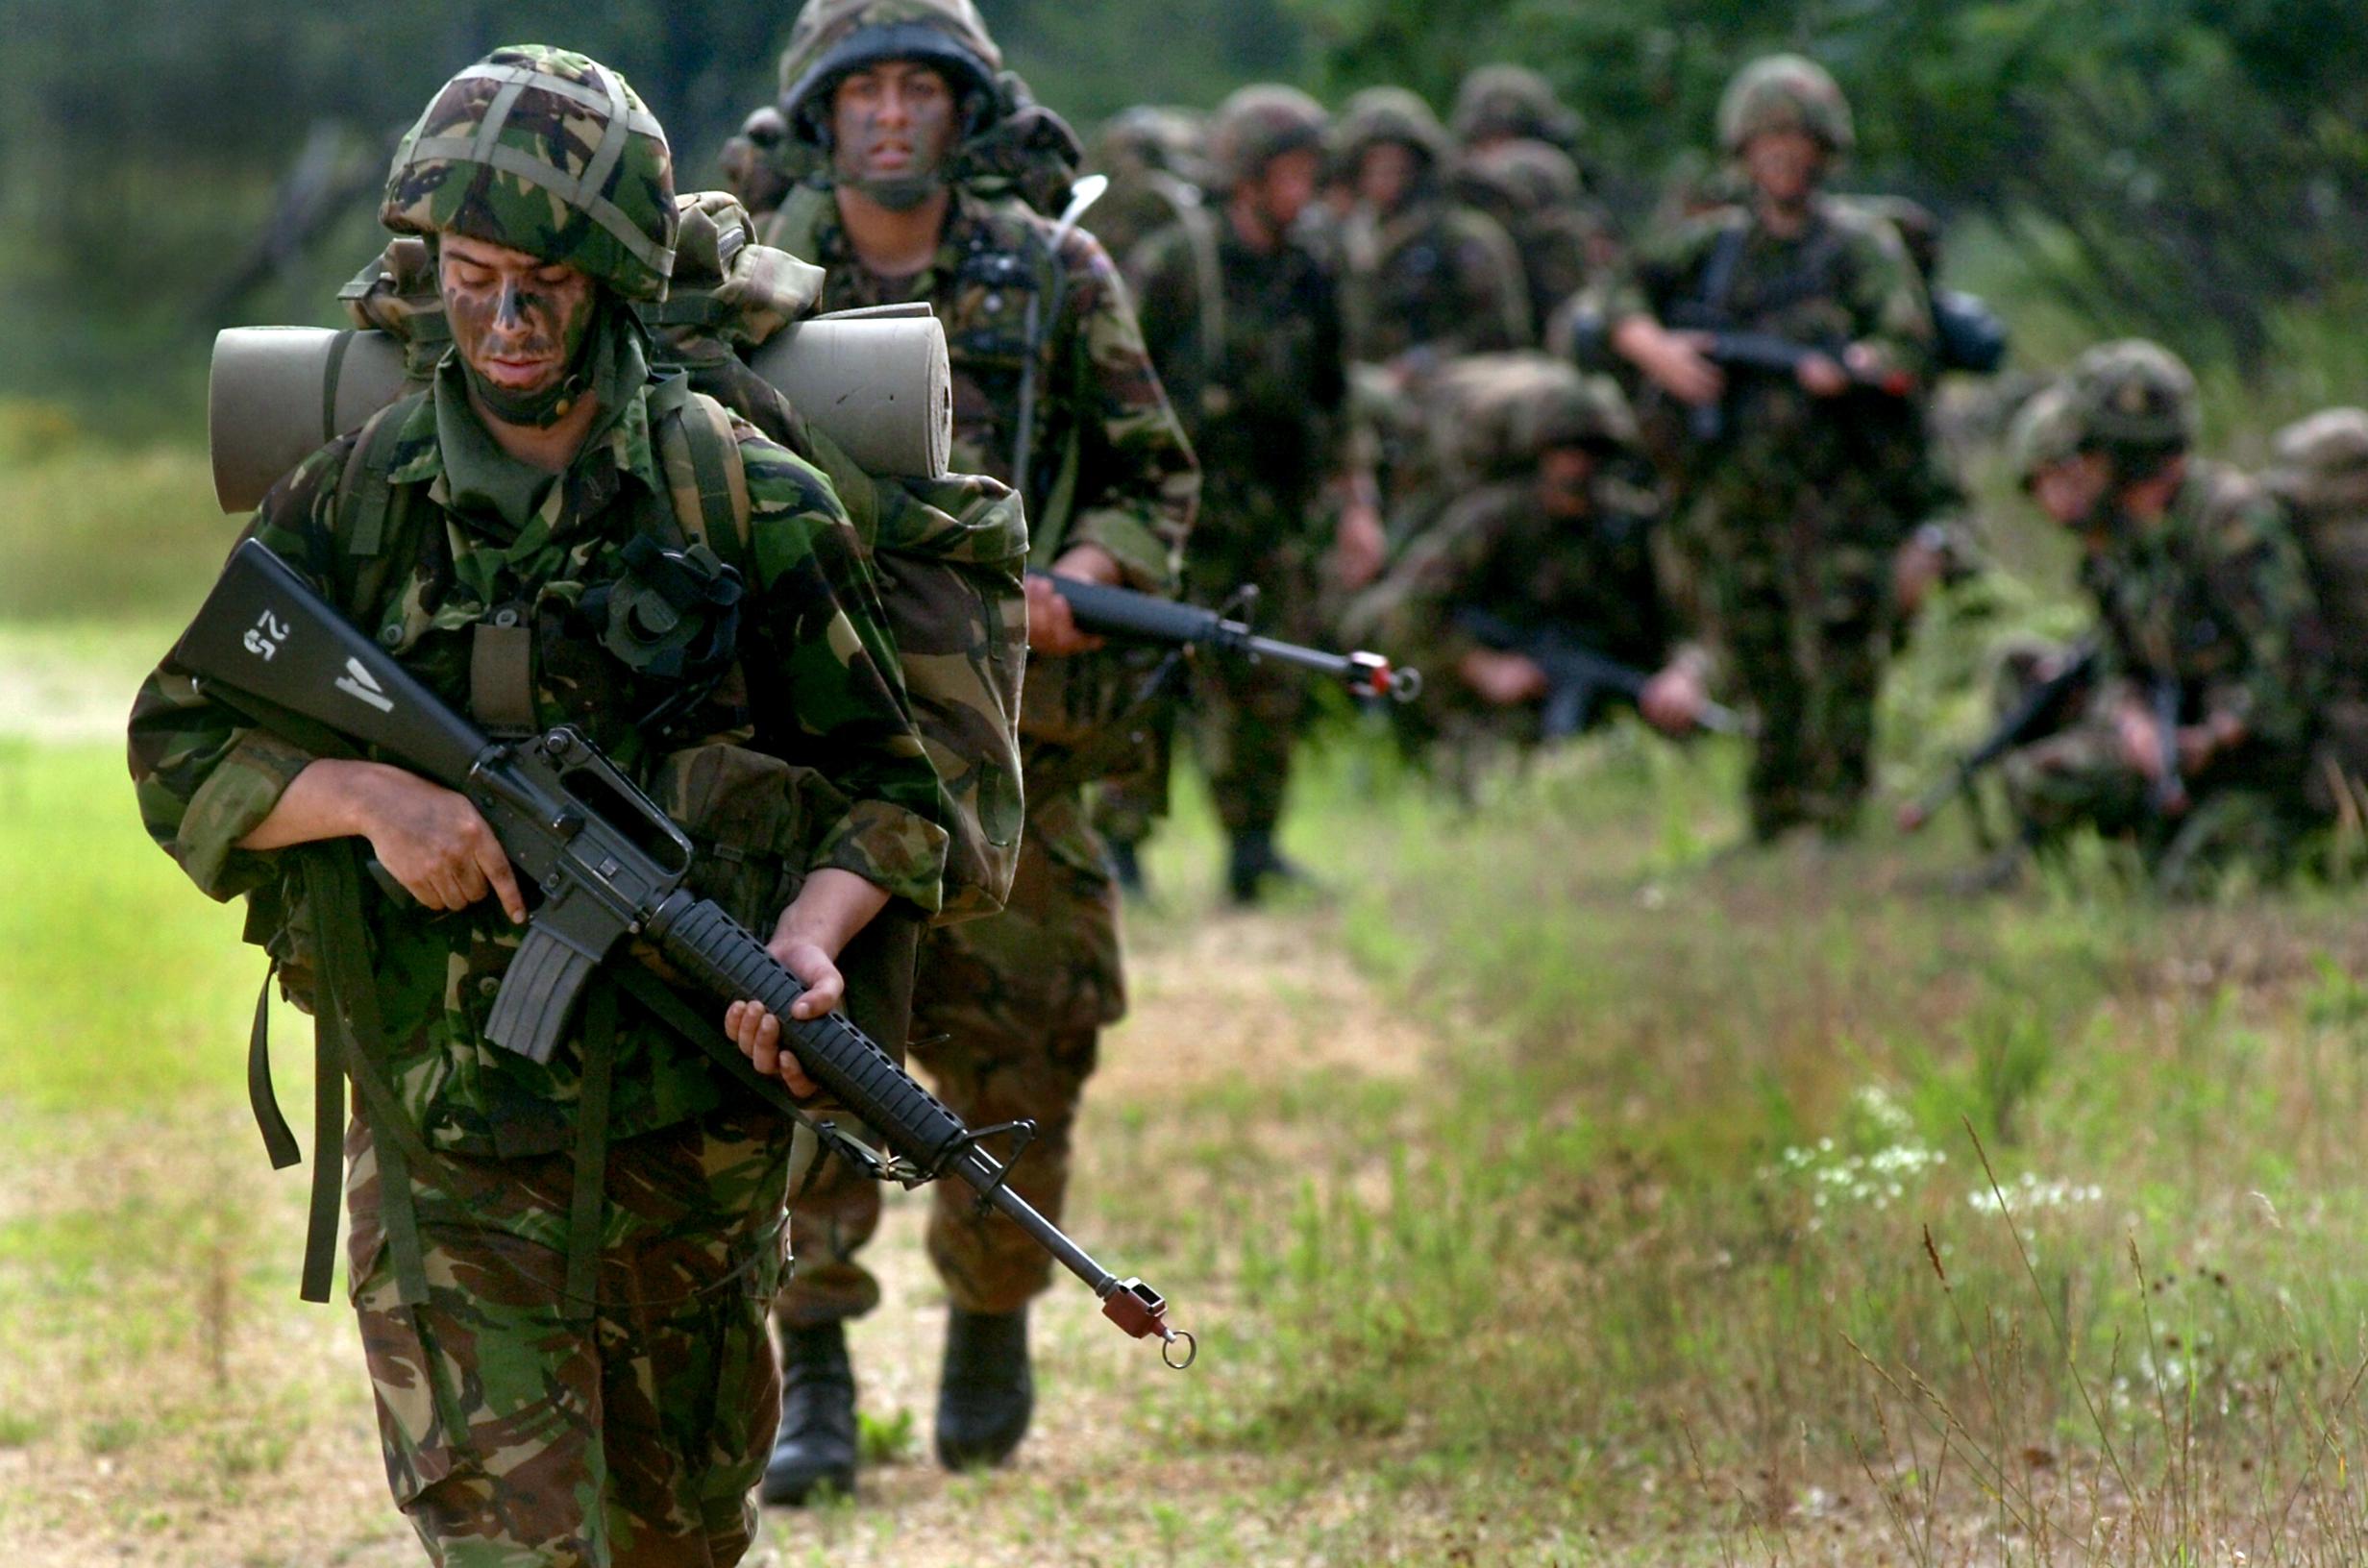 Soldados britânicos marchando. A marcha de soldados é um exemplo típico de população onde ocorre fraturas por estresse. O treinamento intenso com longas marchas e carregando peso extra gera um ambiente propício para isso.